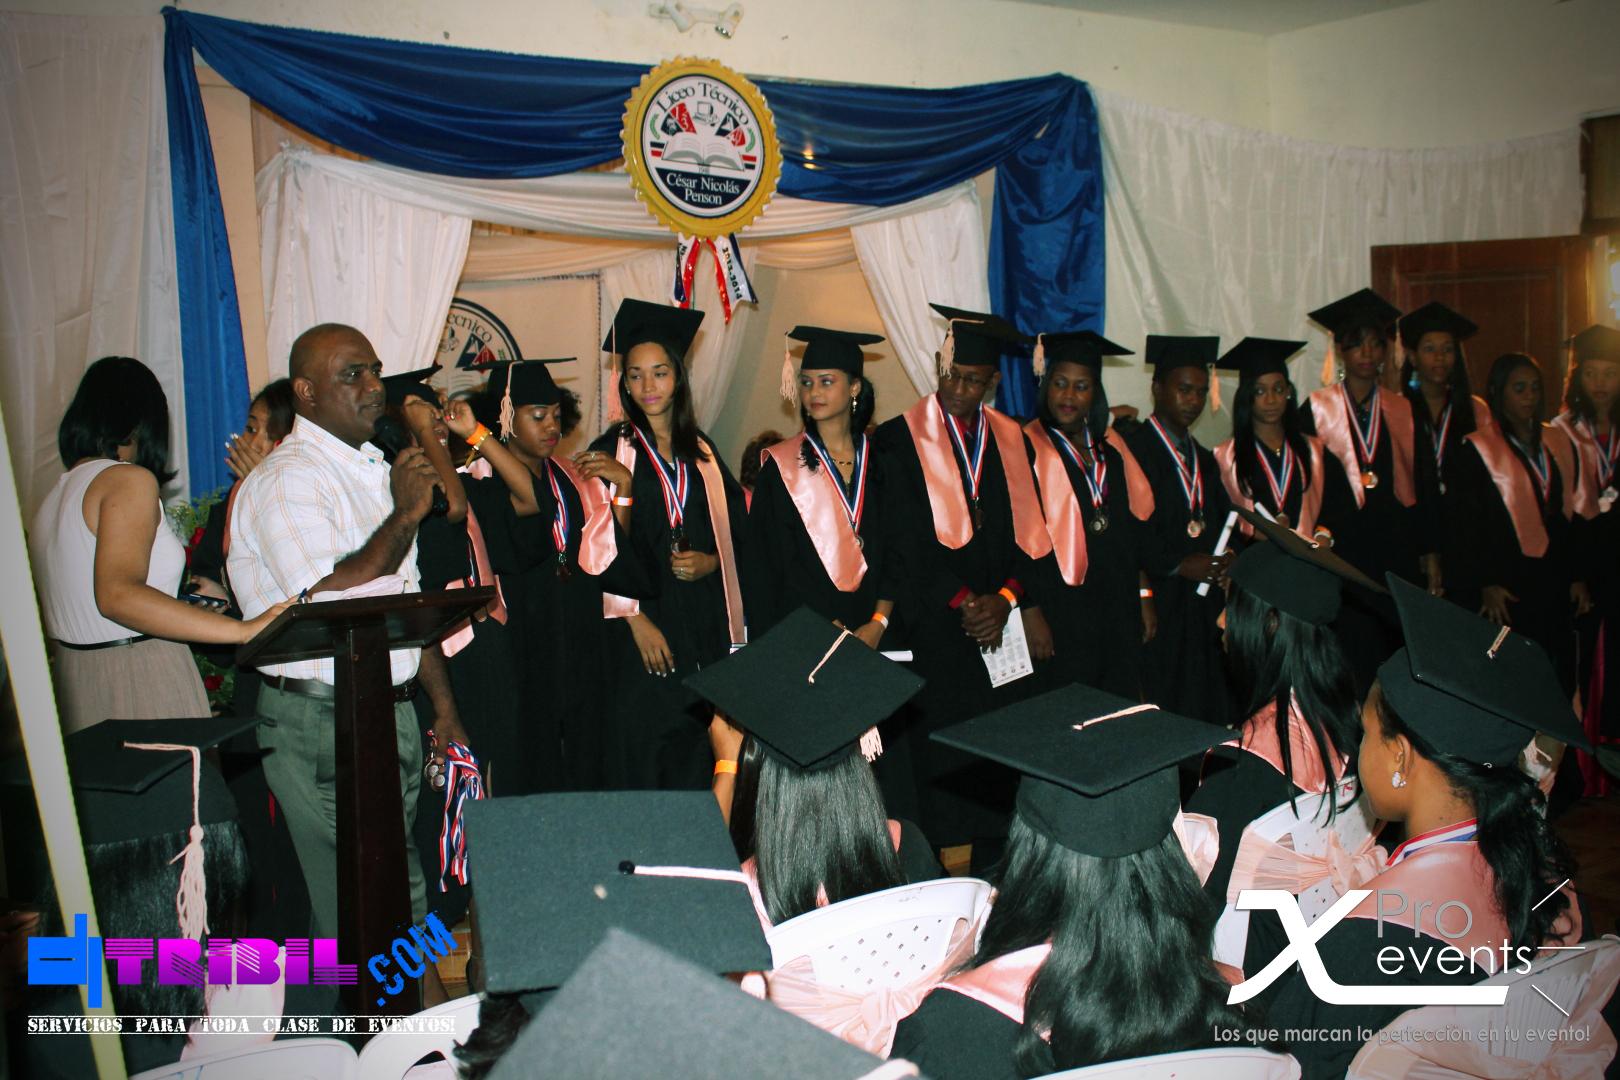 www.Xproevents.com - Fiesta de graduacion.jpg